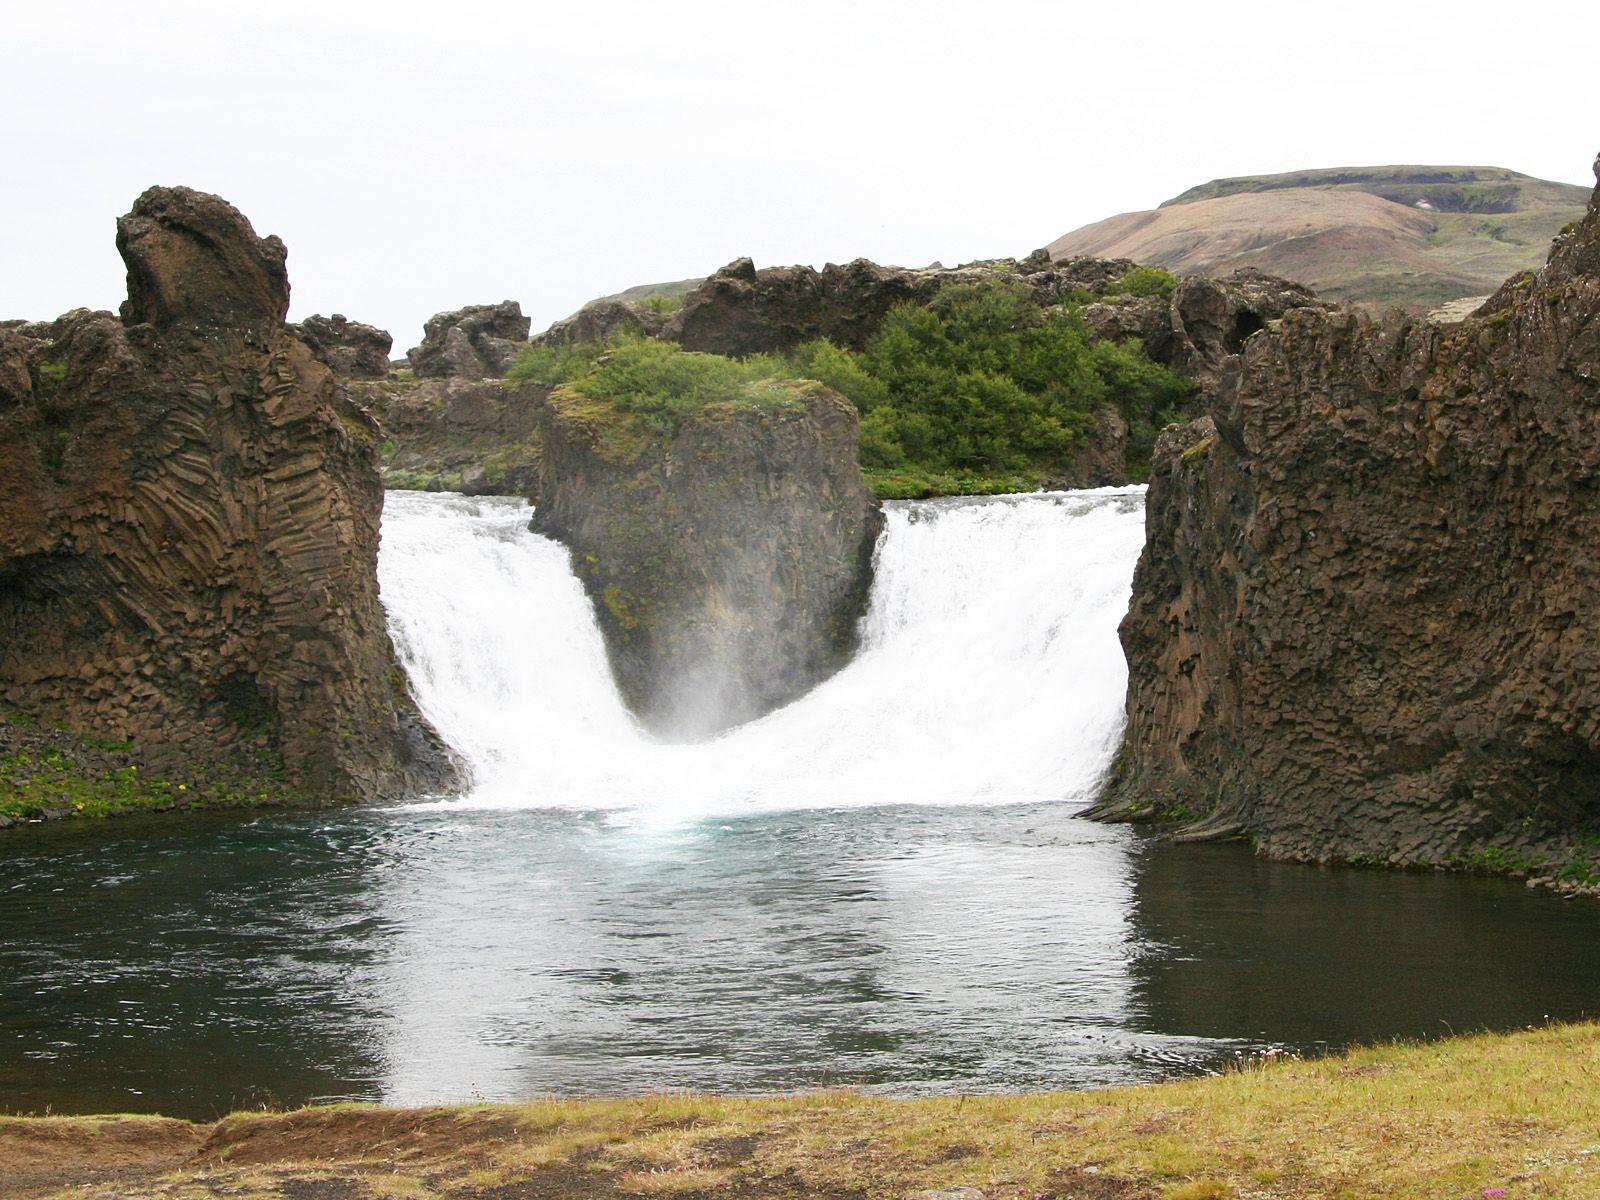 Потоки водопада Хьяулпарфосс